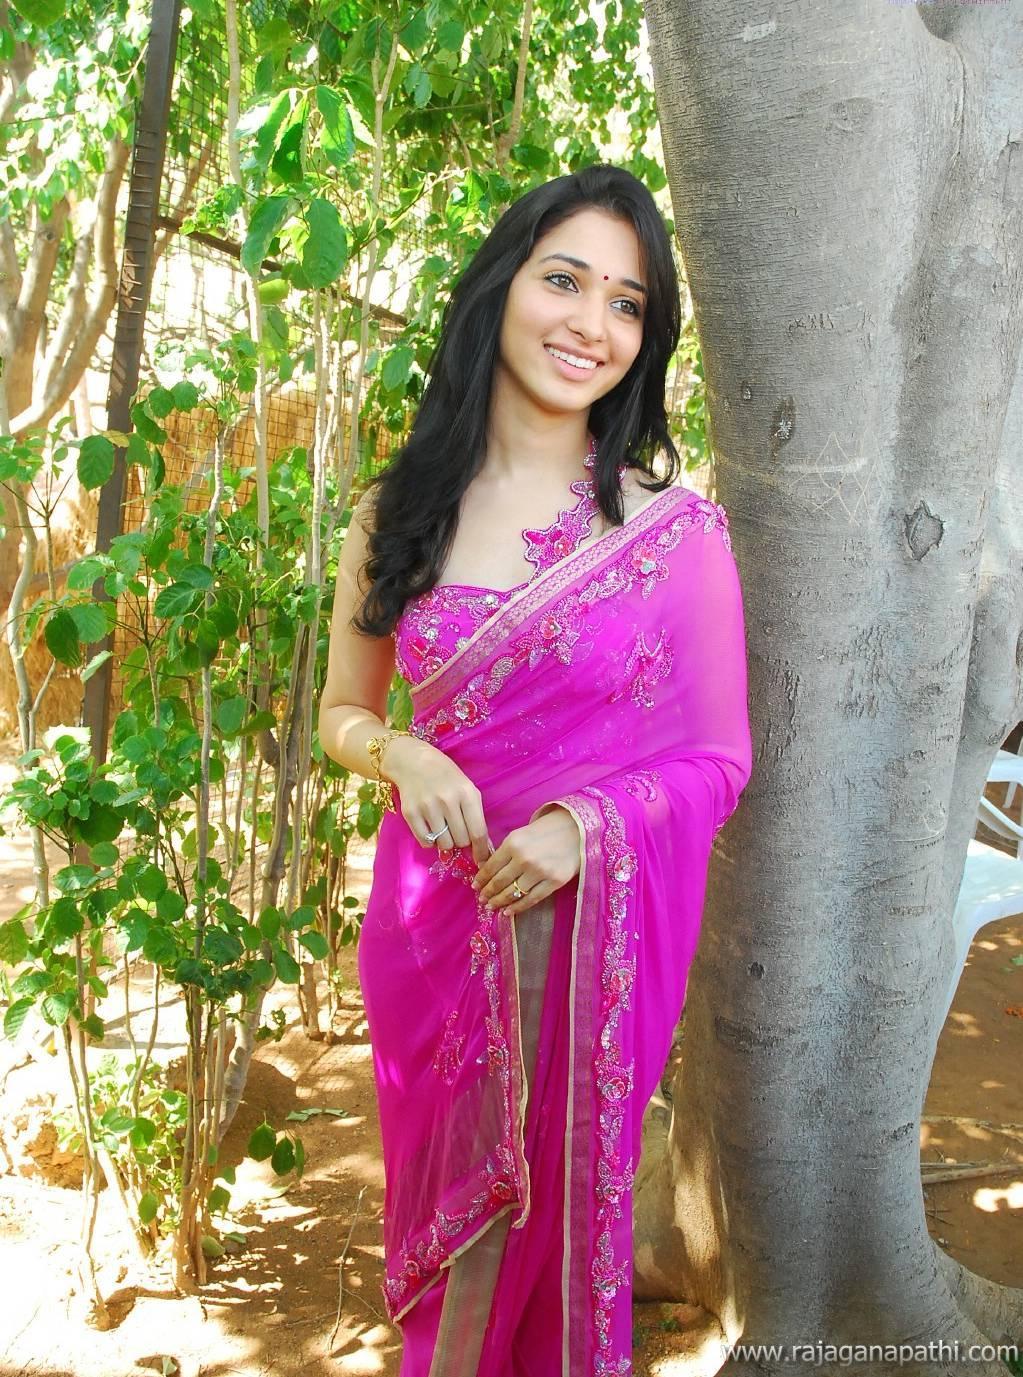 imageforge.us image sandra Filename: TAMANNA BHATIA HOT TAMANNA BHATIA IN SAREE TAMANNA WEARING SAREE  (11).jpg